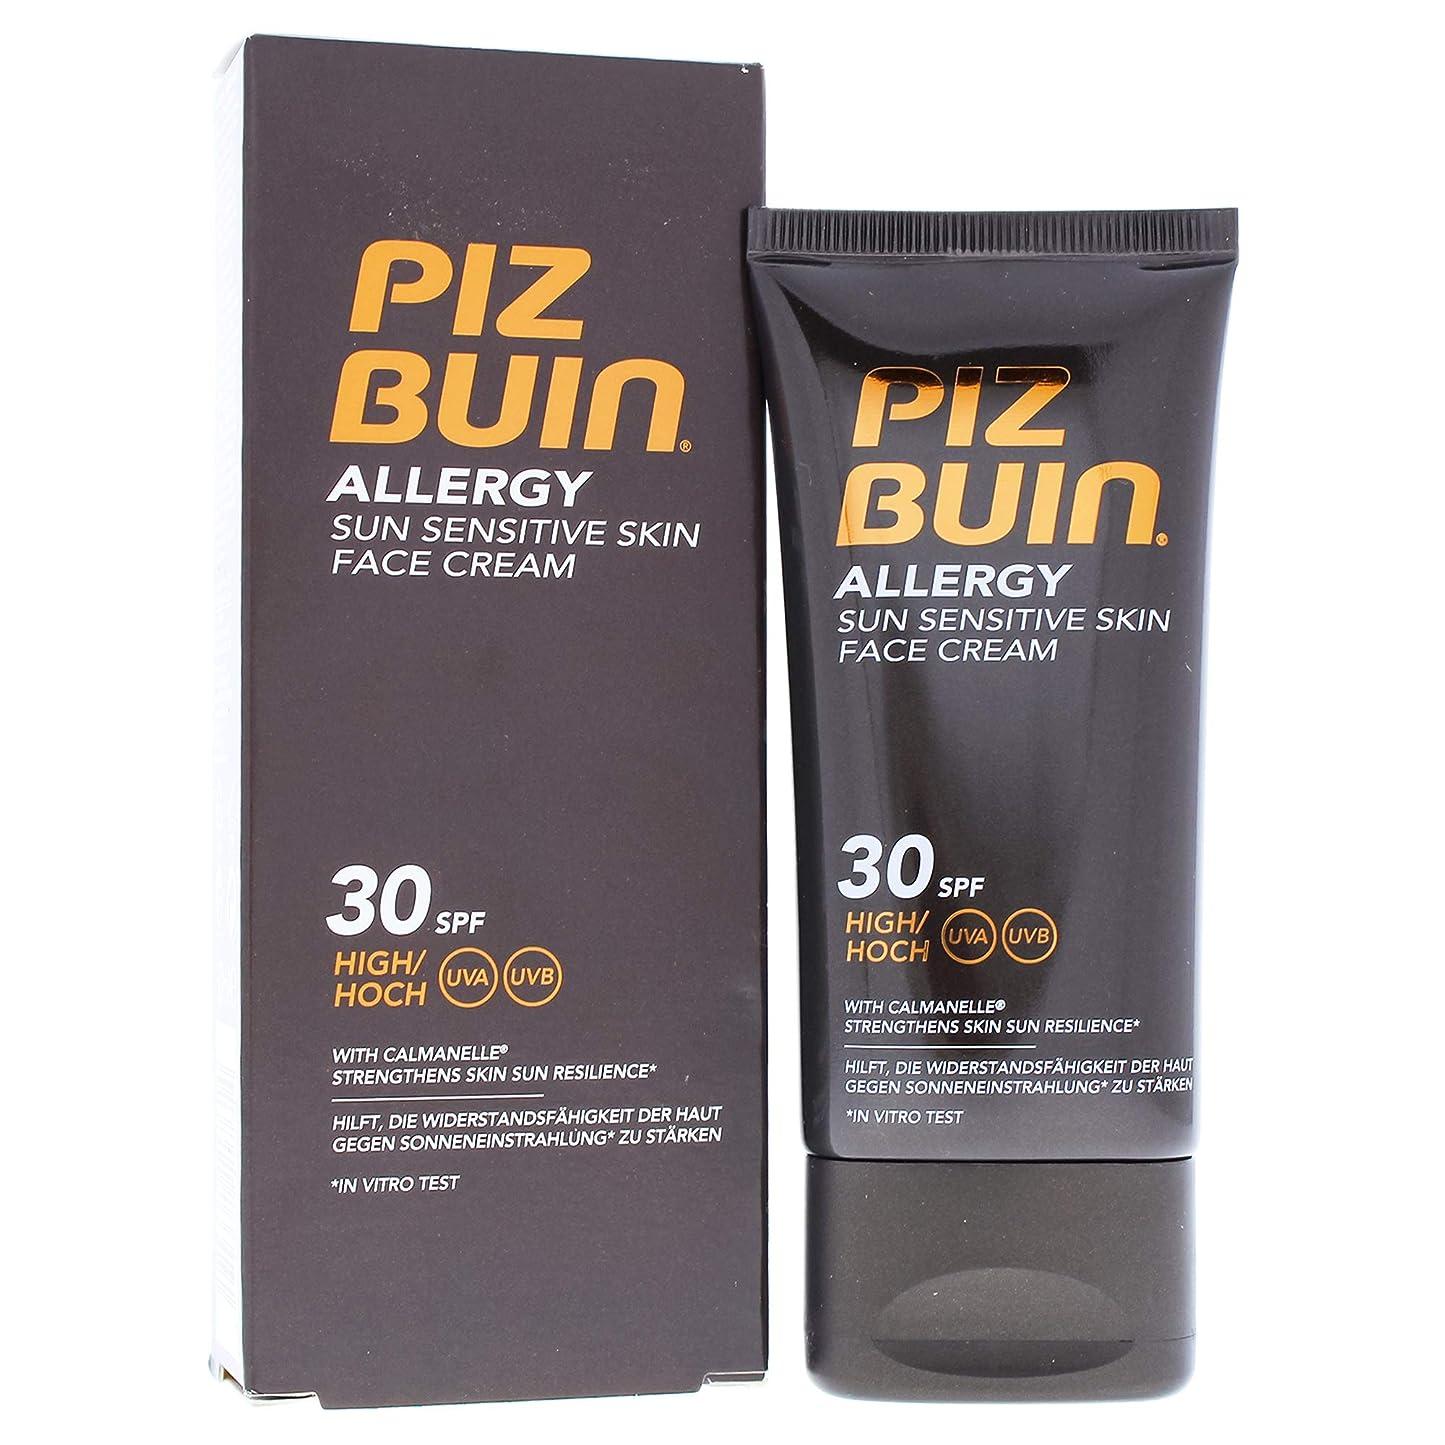 分析的なうぬぼれピカリングPiz Buin Allergy Face Cream Spf30 50ml